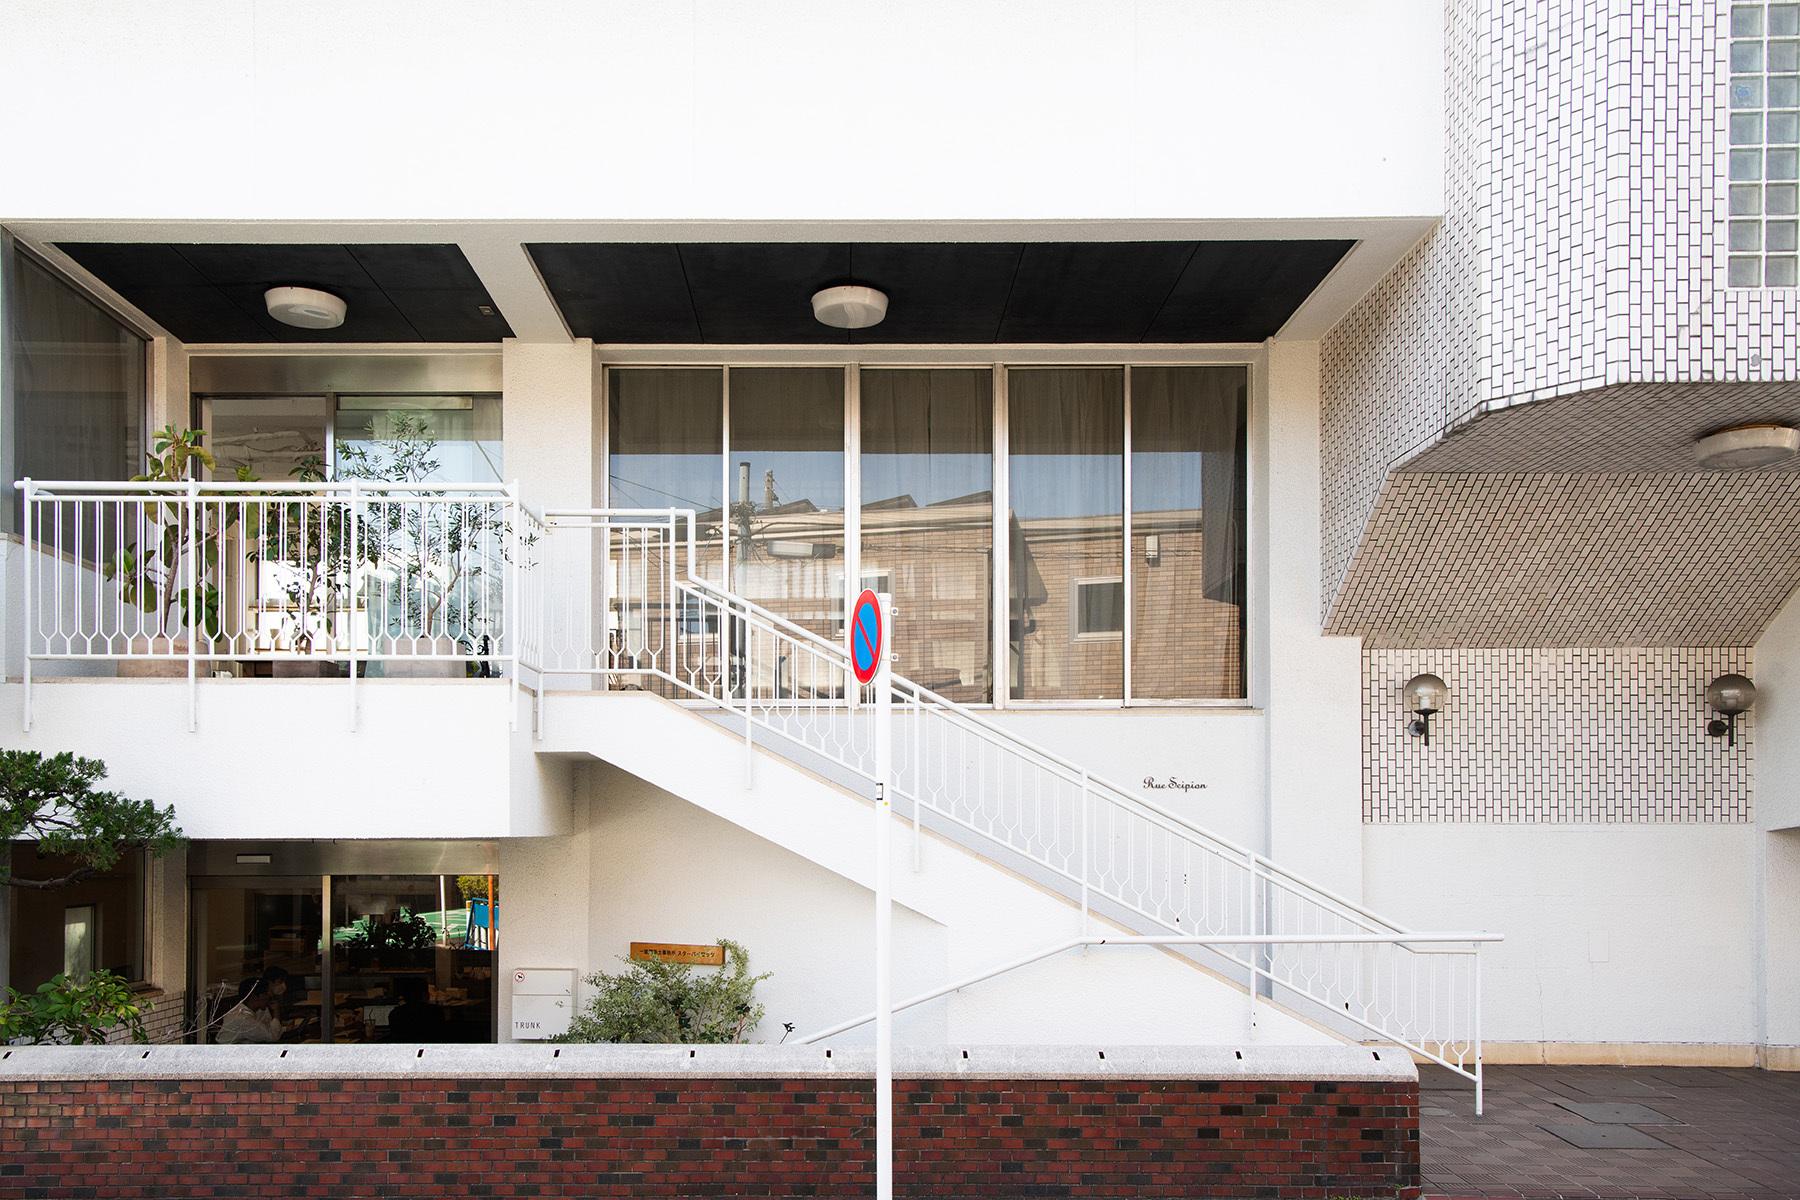 studio rue scipion  (スタジオ リュシピオン)キッチン小物が豊富